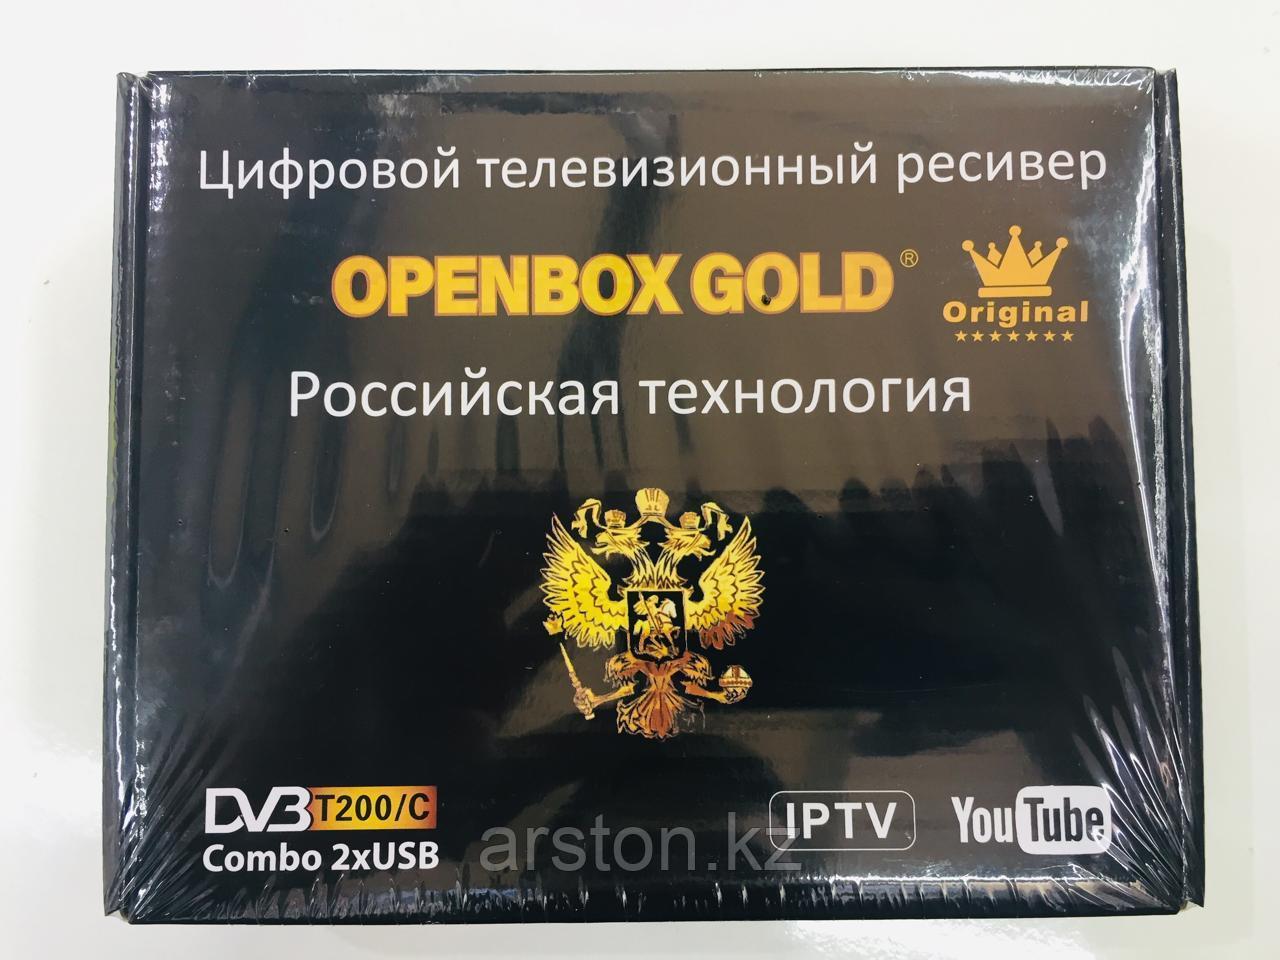 Ресивер DVB-T200